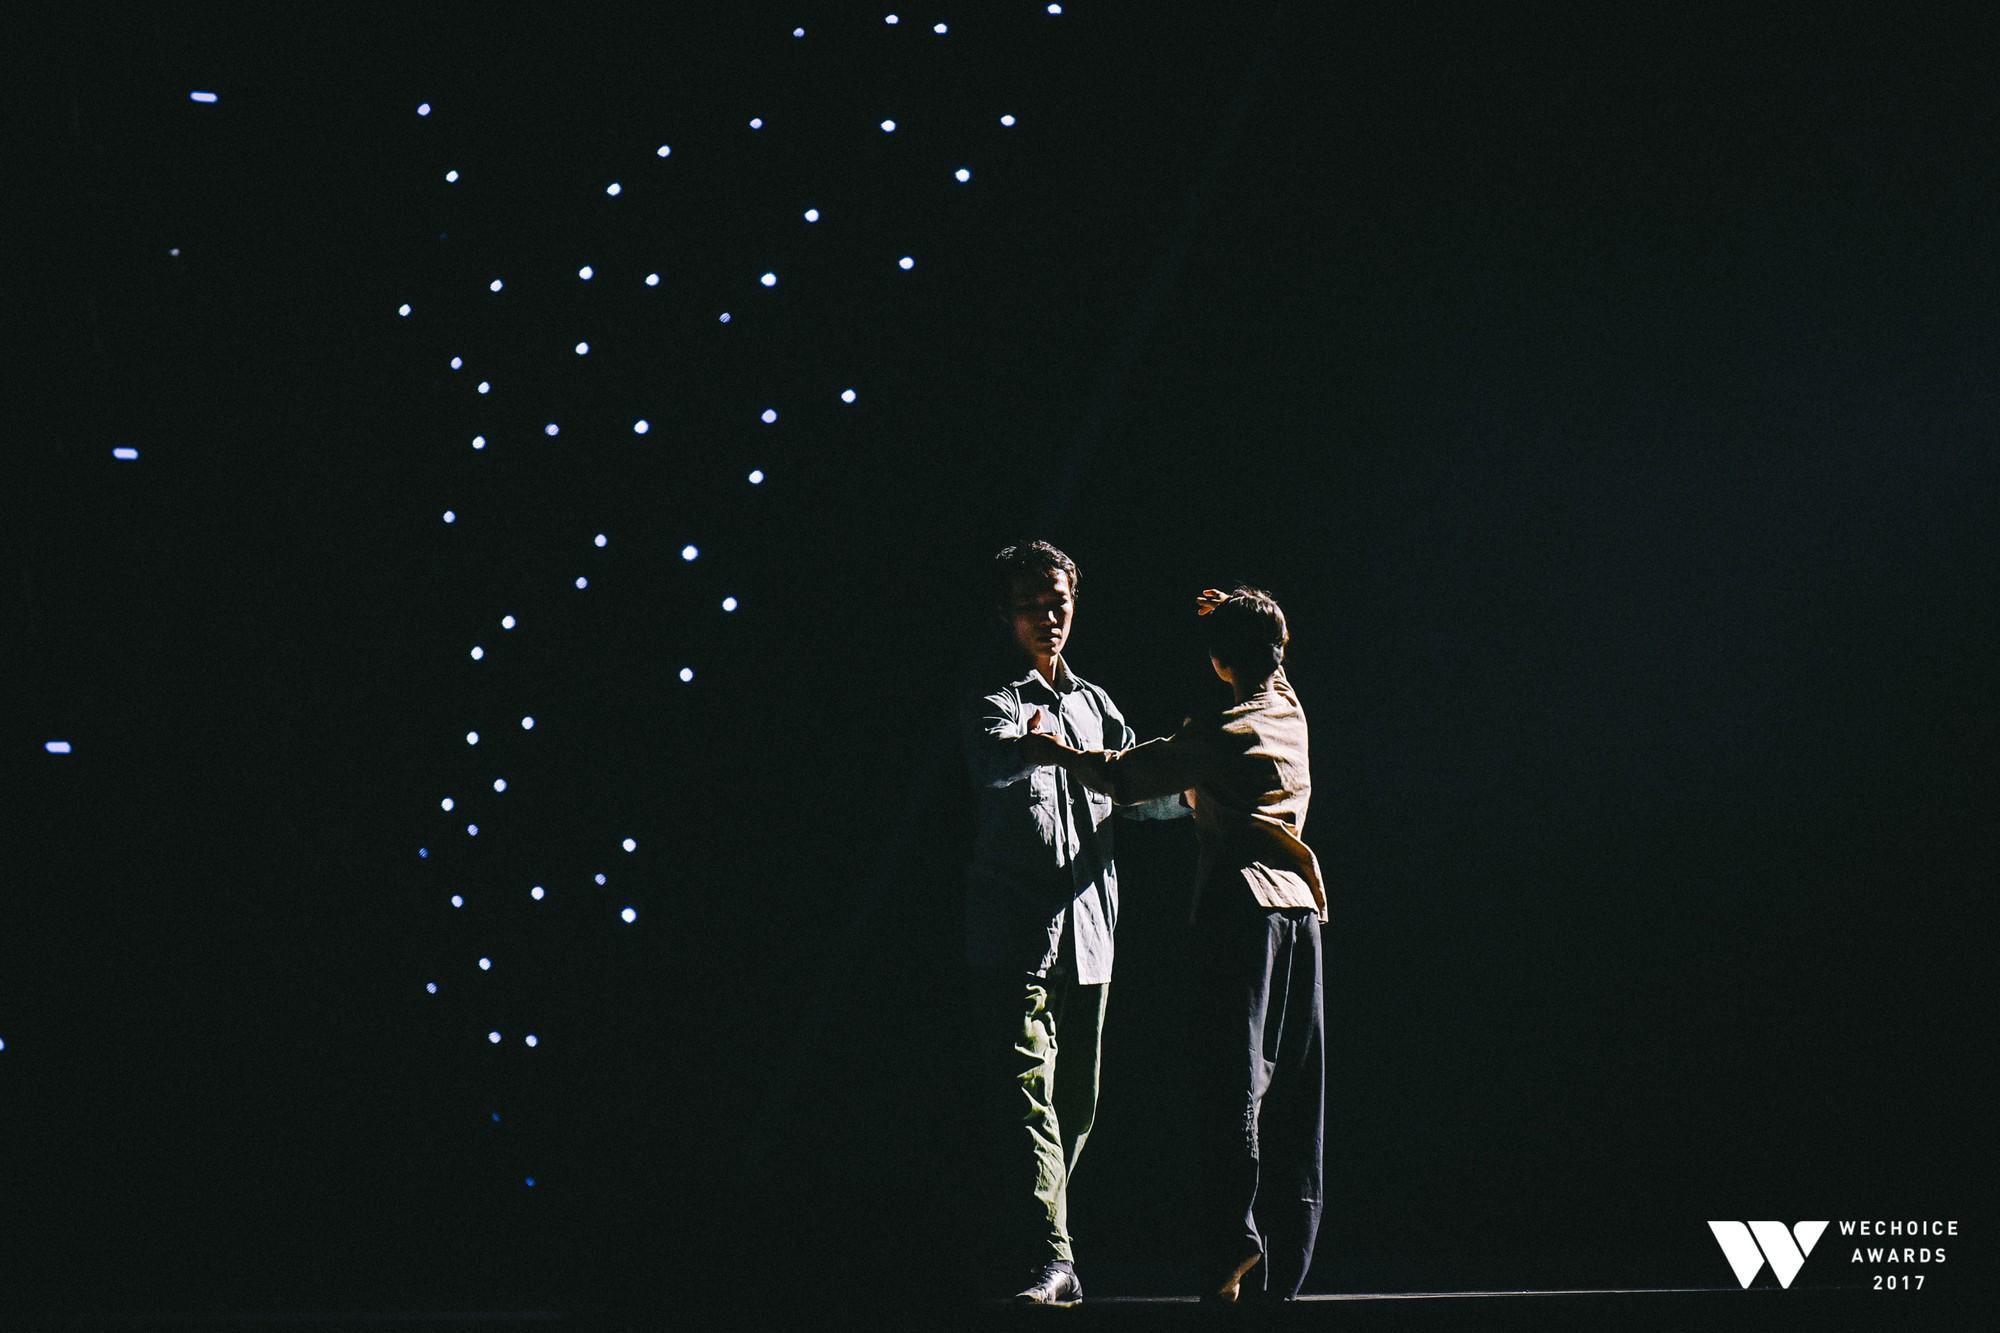 Gala WeChoice Awards 2017 và loạt khoảnh khắc chạm đến trái tim khi những niềm cảm hứng được tôn vinh! - Ảnh 17.